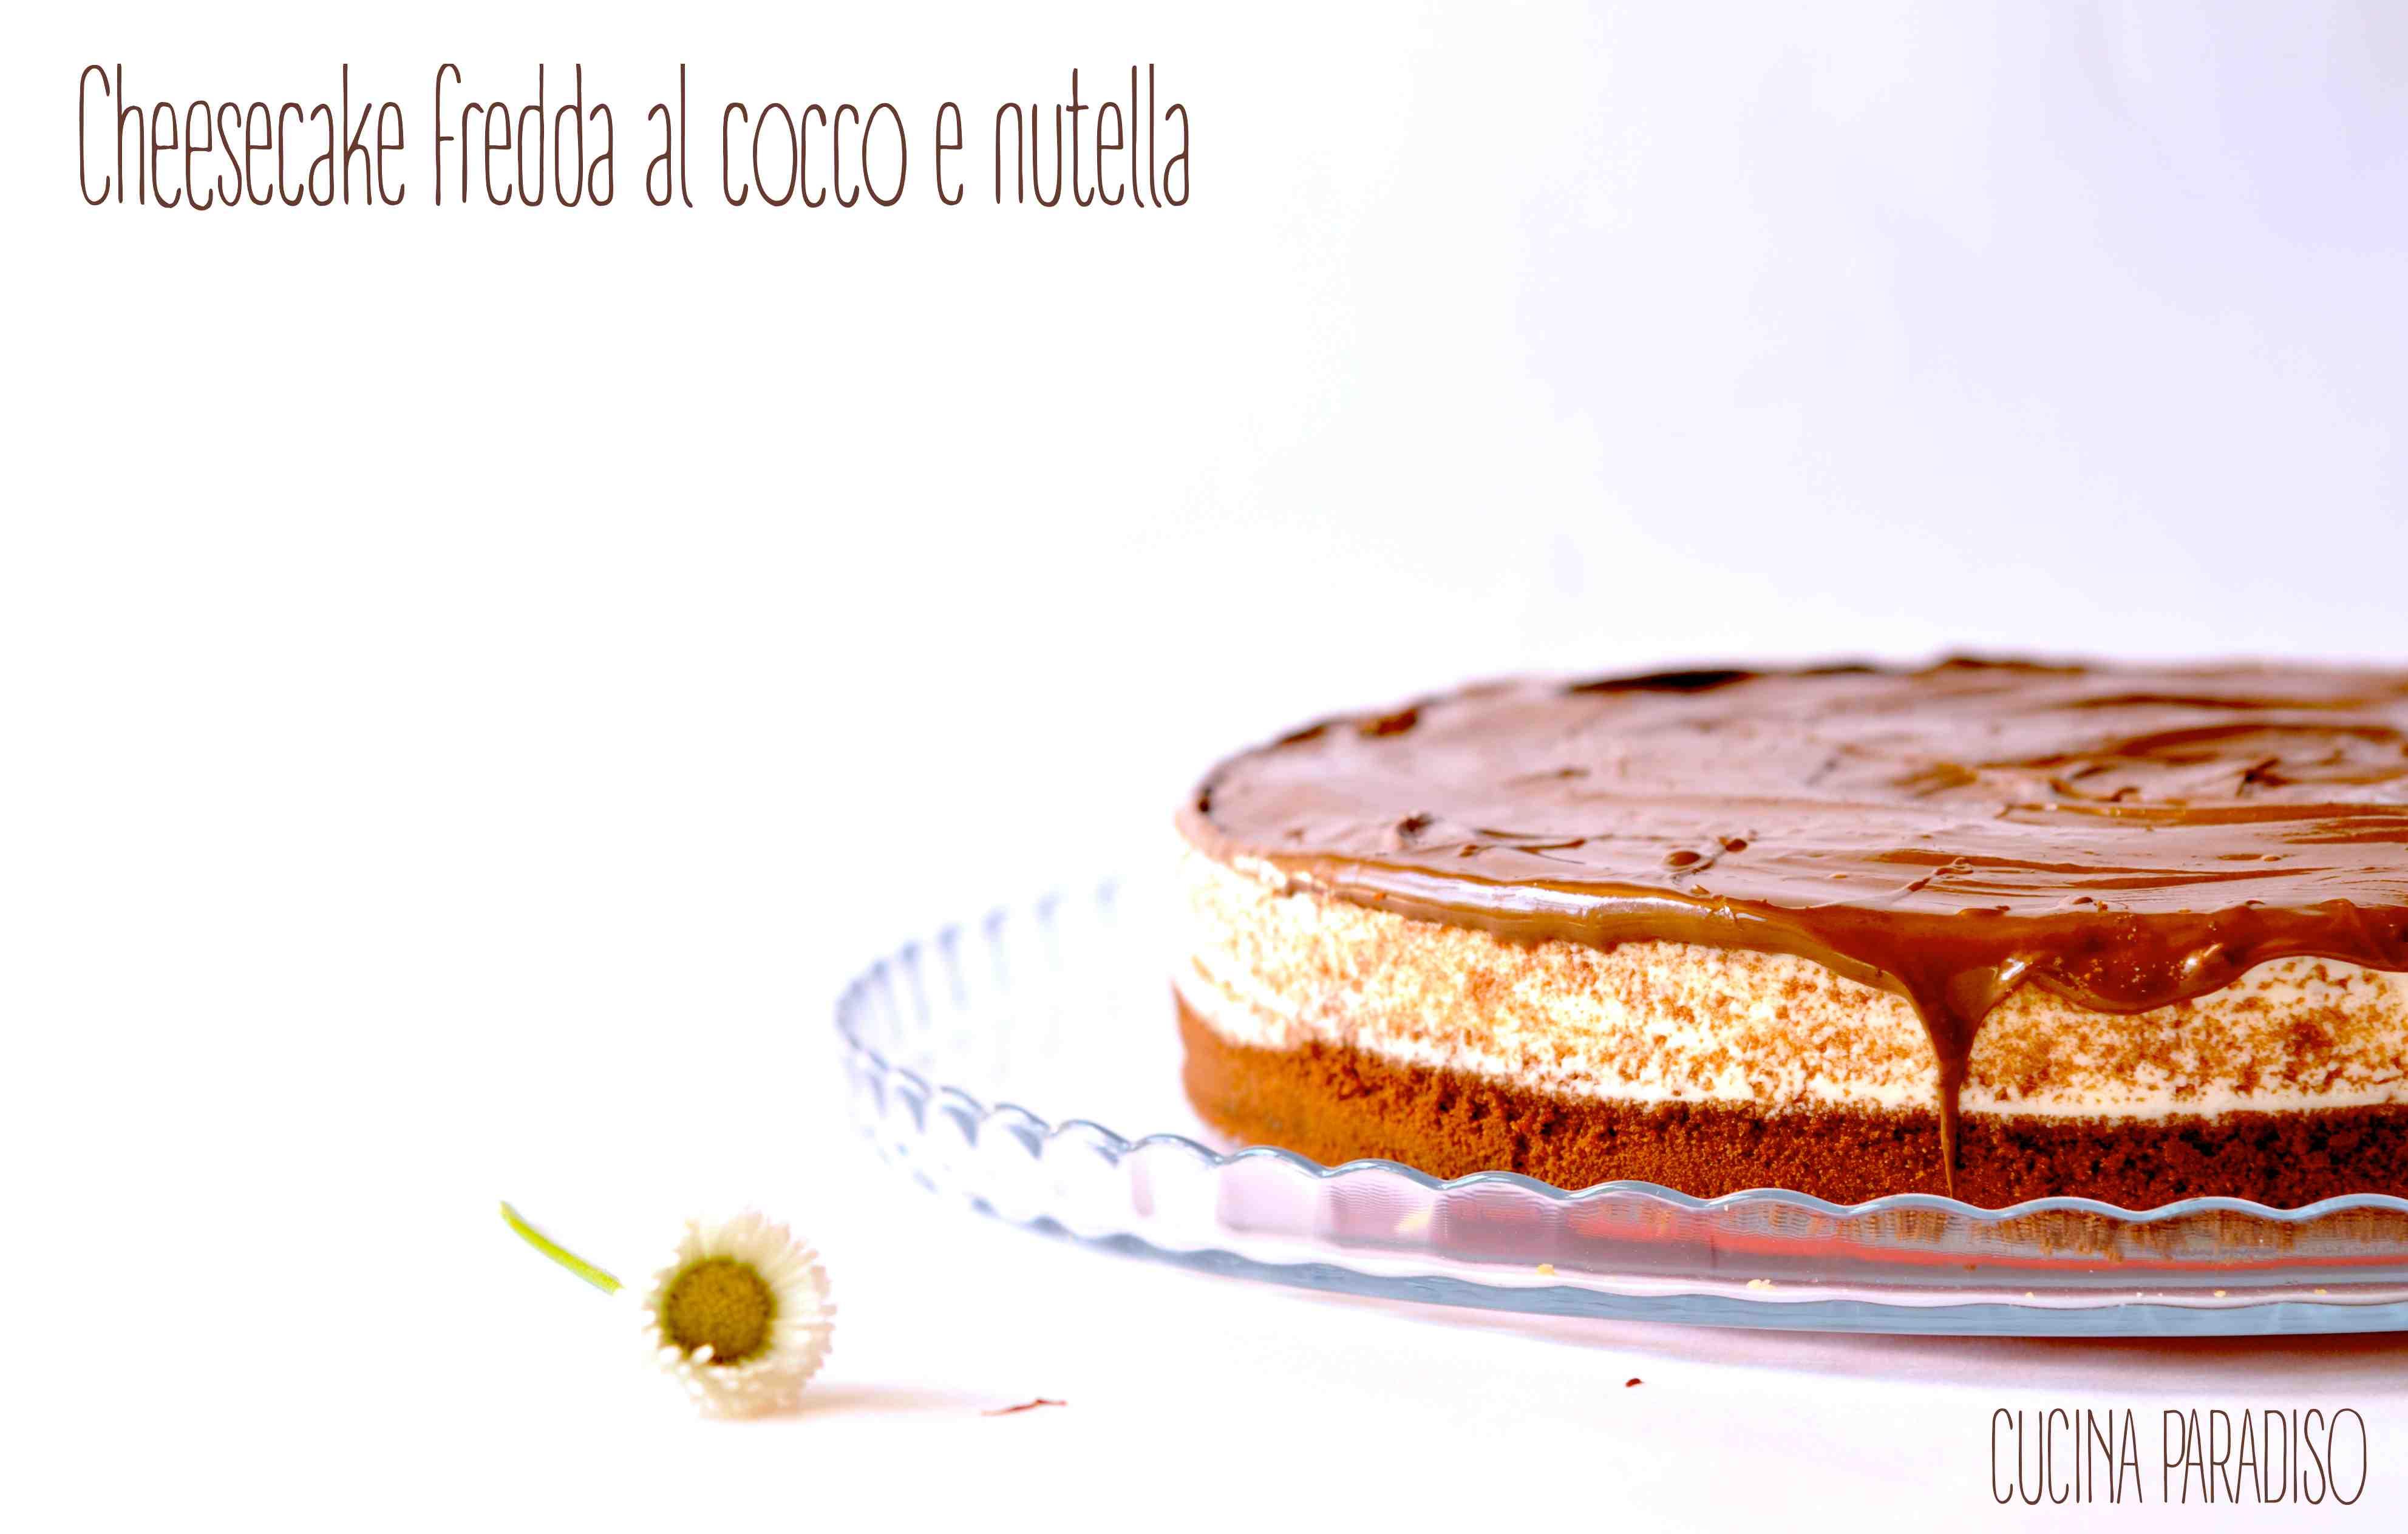 Cheesecake fredda al cocco e nutella2